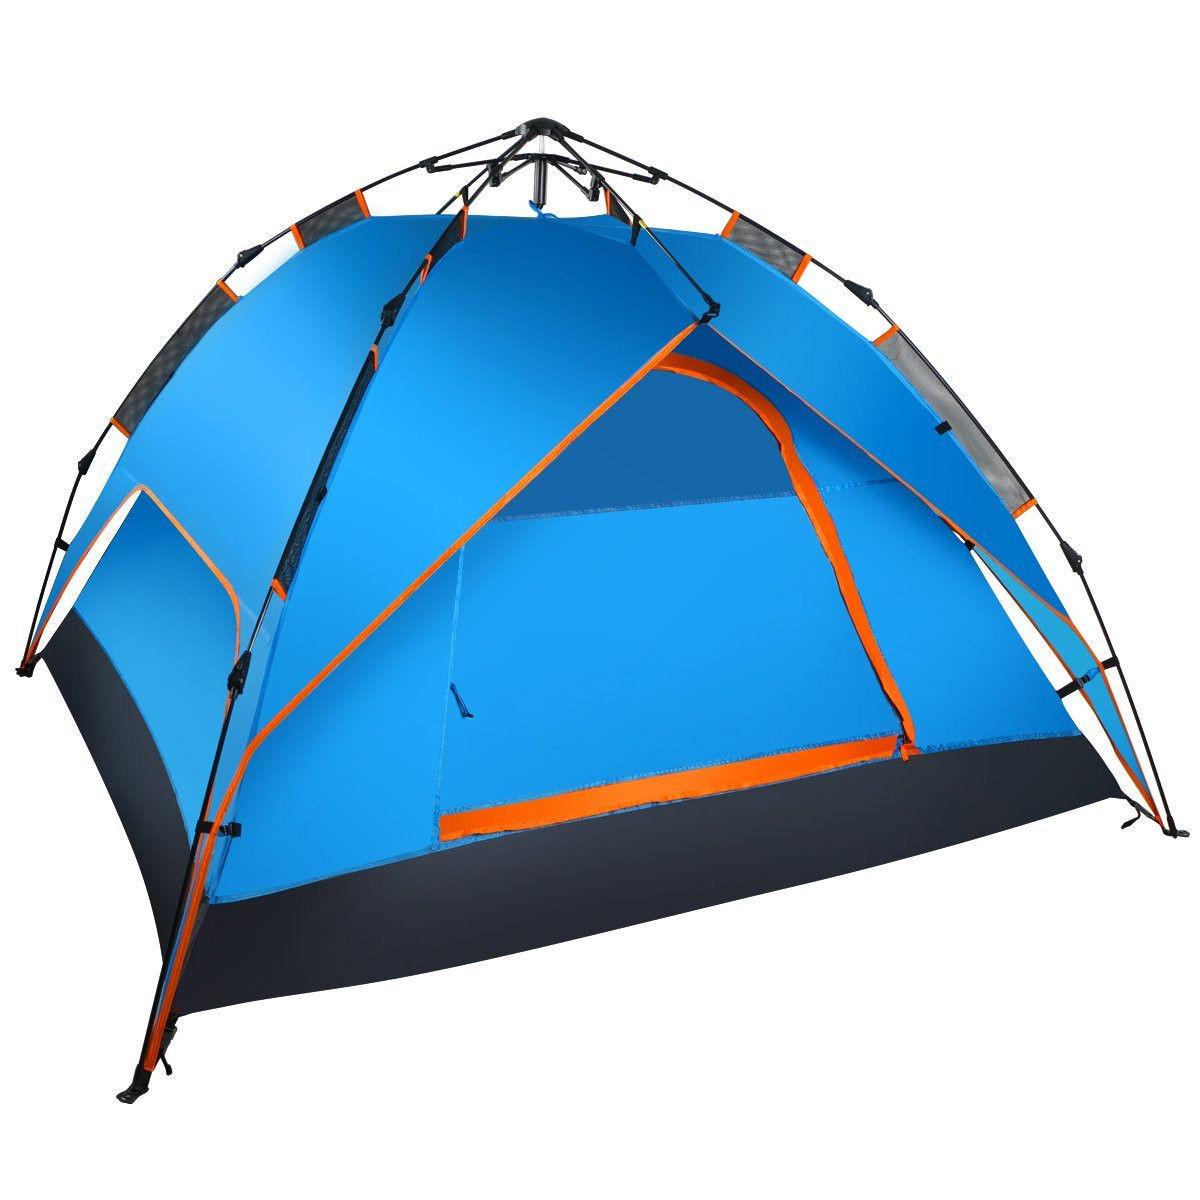 wolfwise campingzelt 3personen familienzelt sekundenzelt ultraleicht pop up zelt. Black Bedroom Furniture Sets. Home Design Ideas